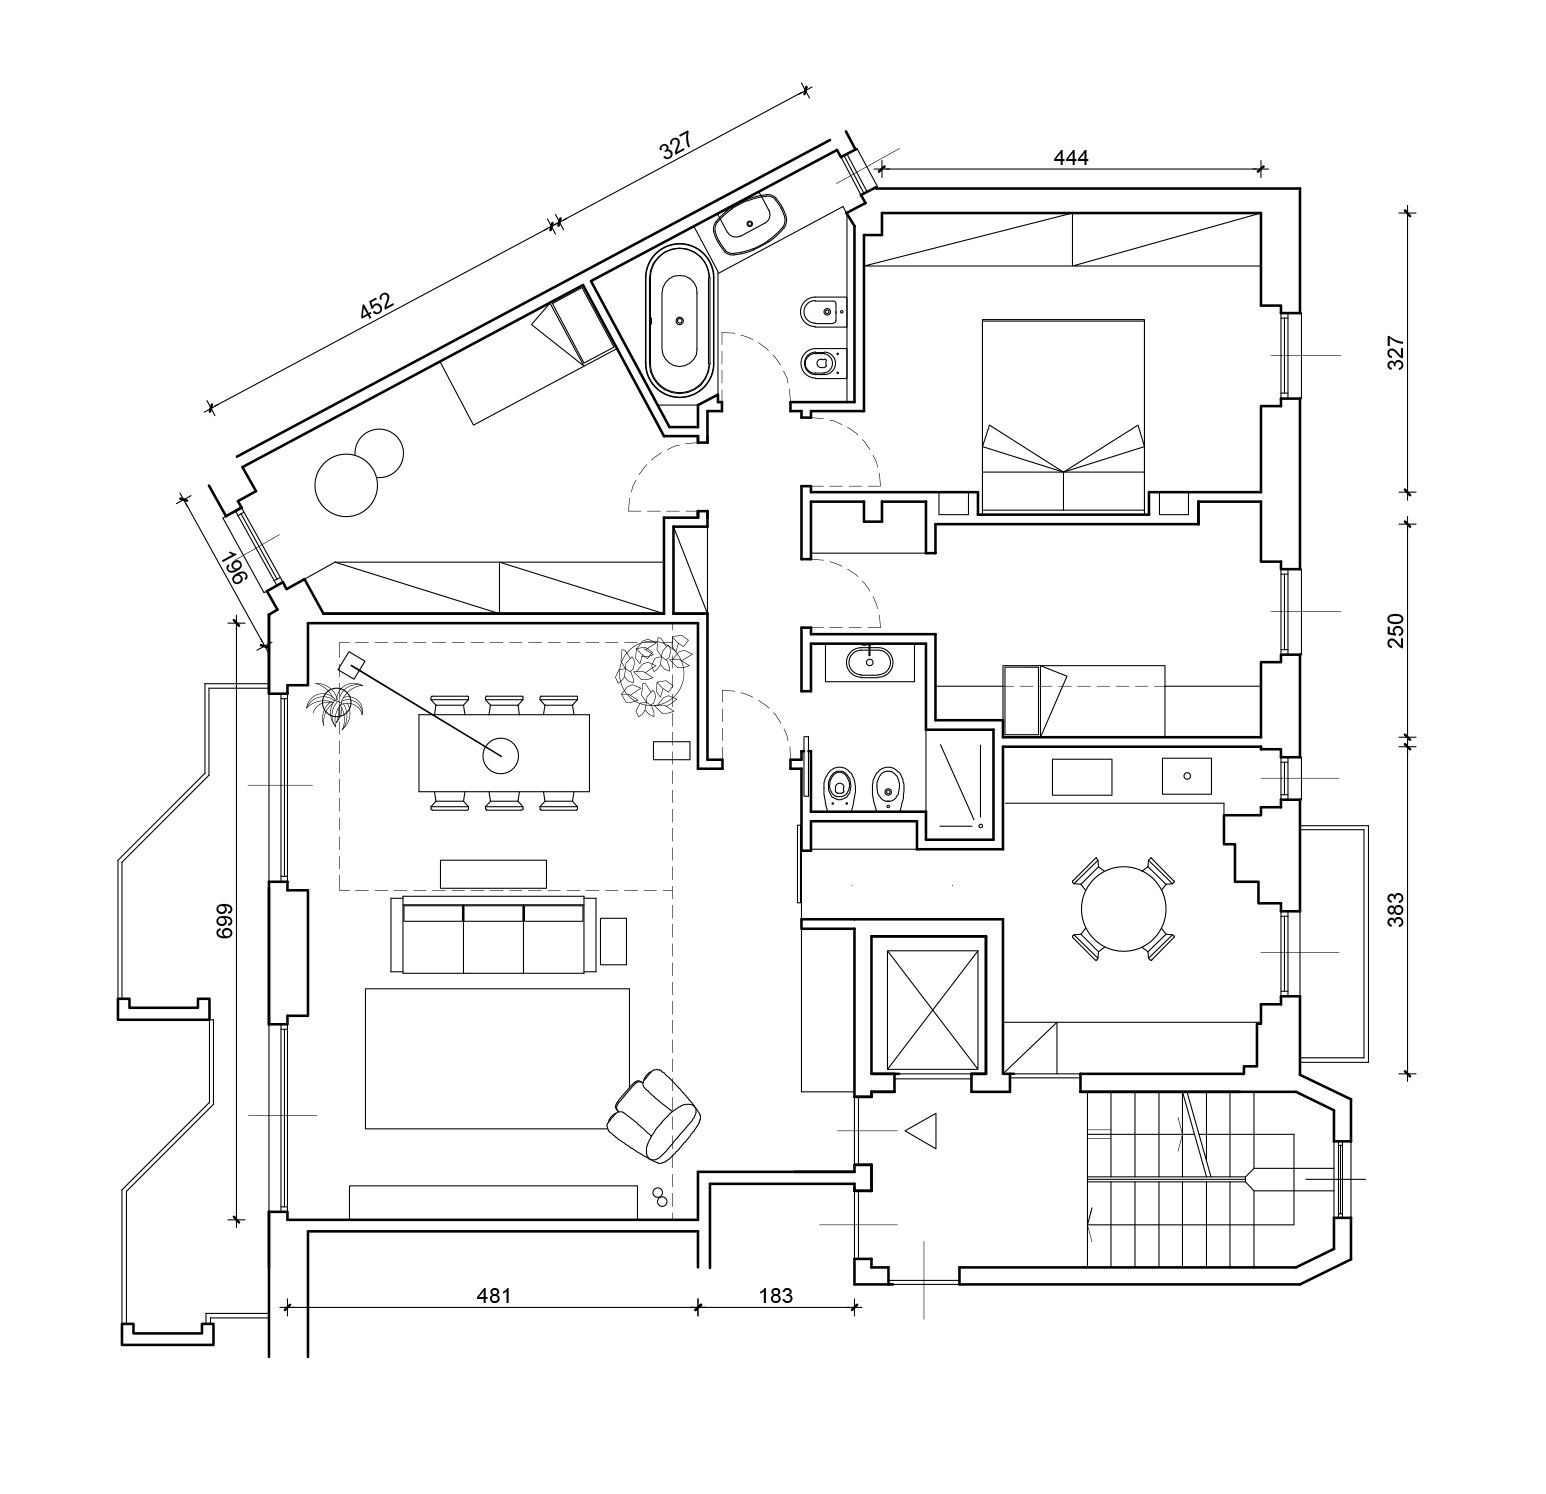 130 Mq Soggiorno Doppio E Cucina Separata Per La Casa Con Bagno E Cameretta A Pianta Irregolari Cose Di Casa Progetto Di Appartamento Planimetrie Di Case Piantine Di Case